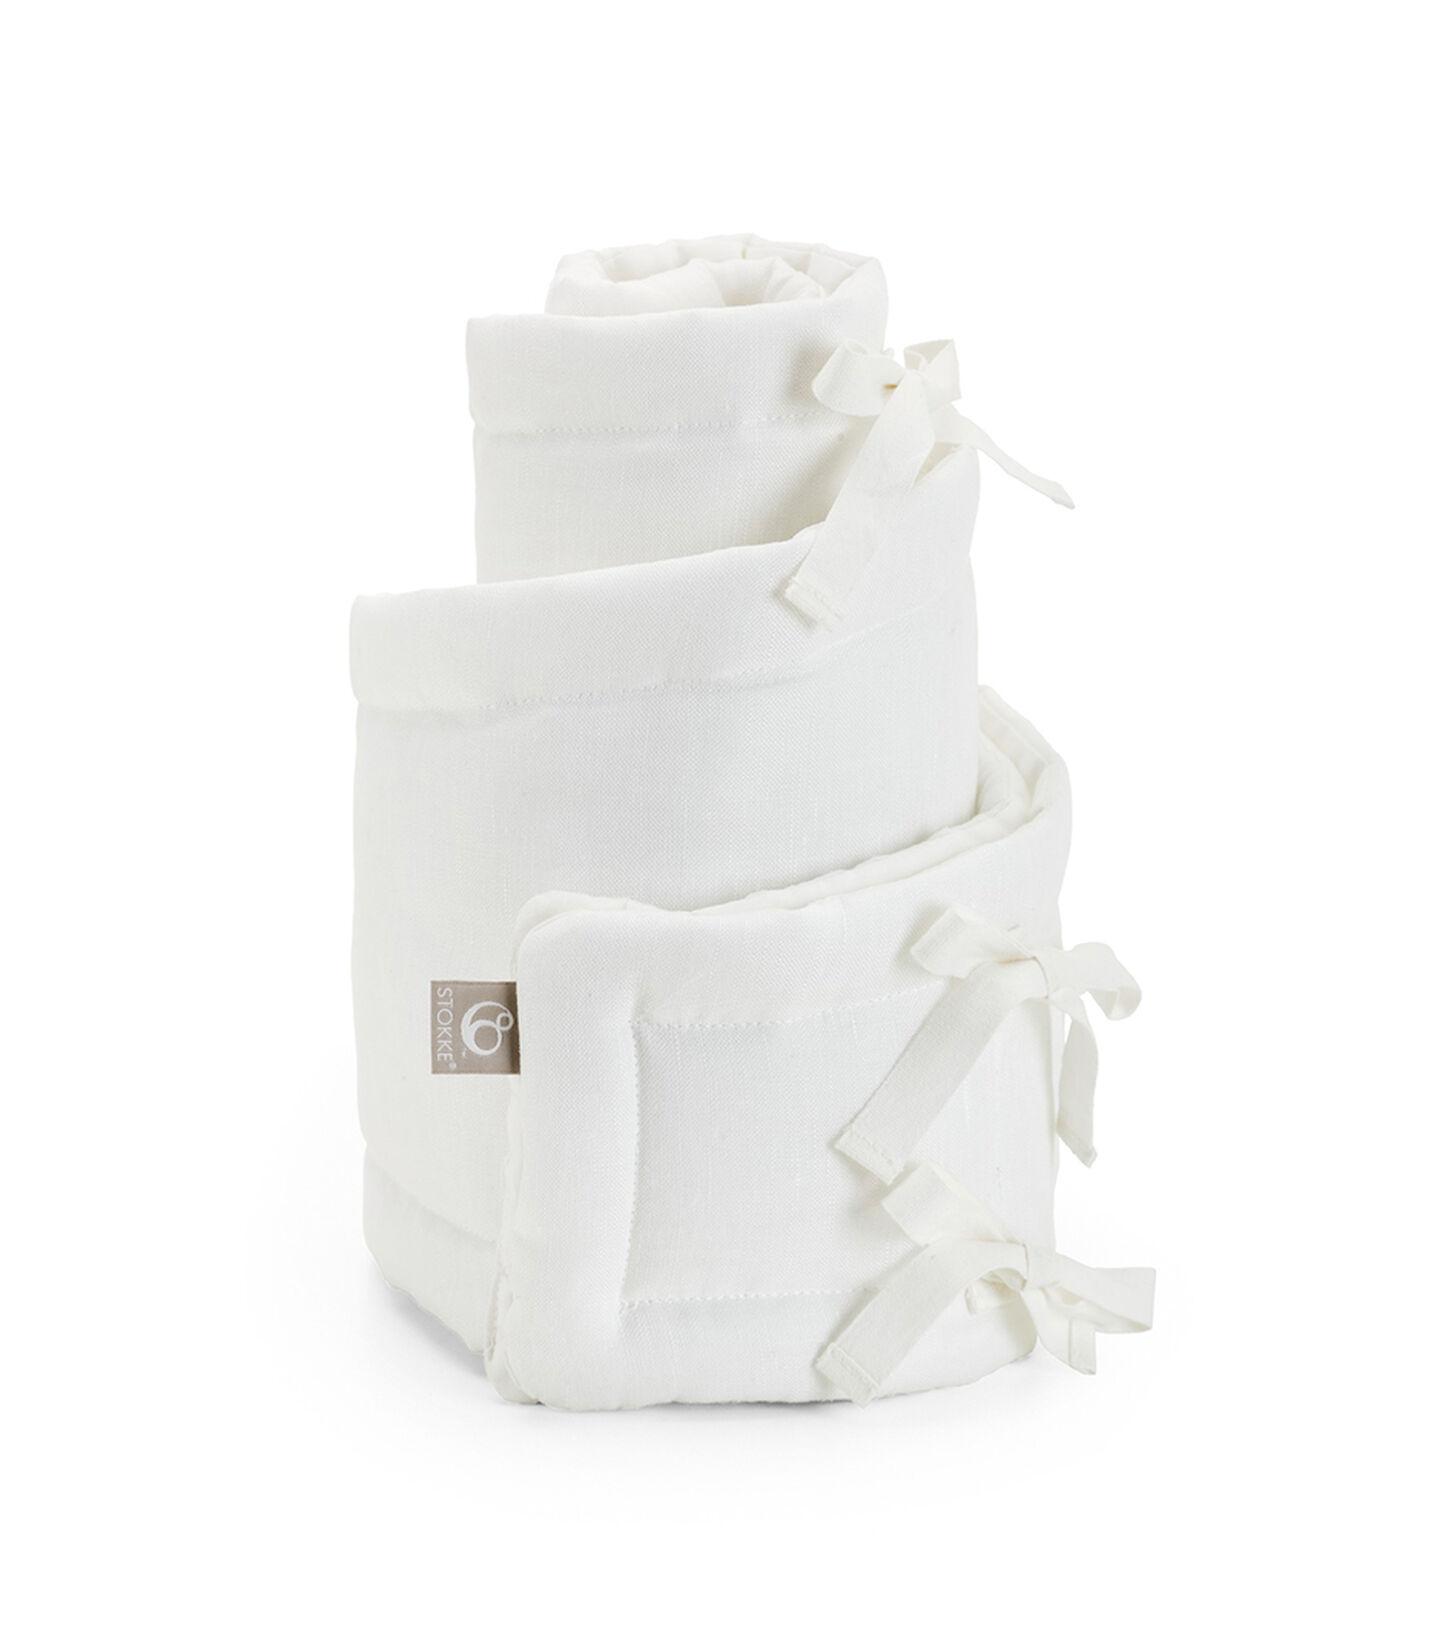 Stokke® Sleepi™ Mini Bumper White, White, mainview